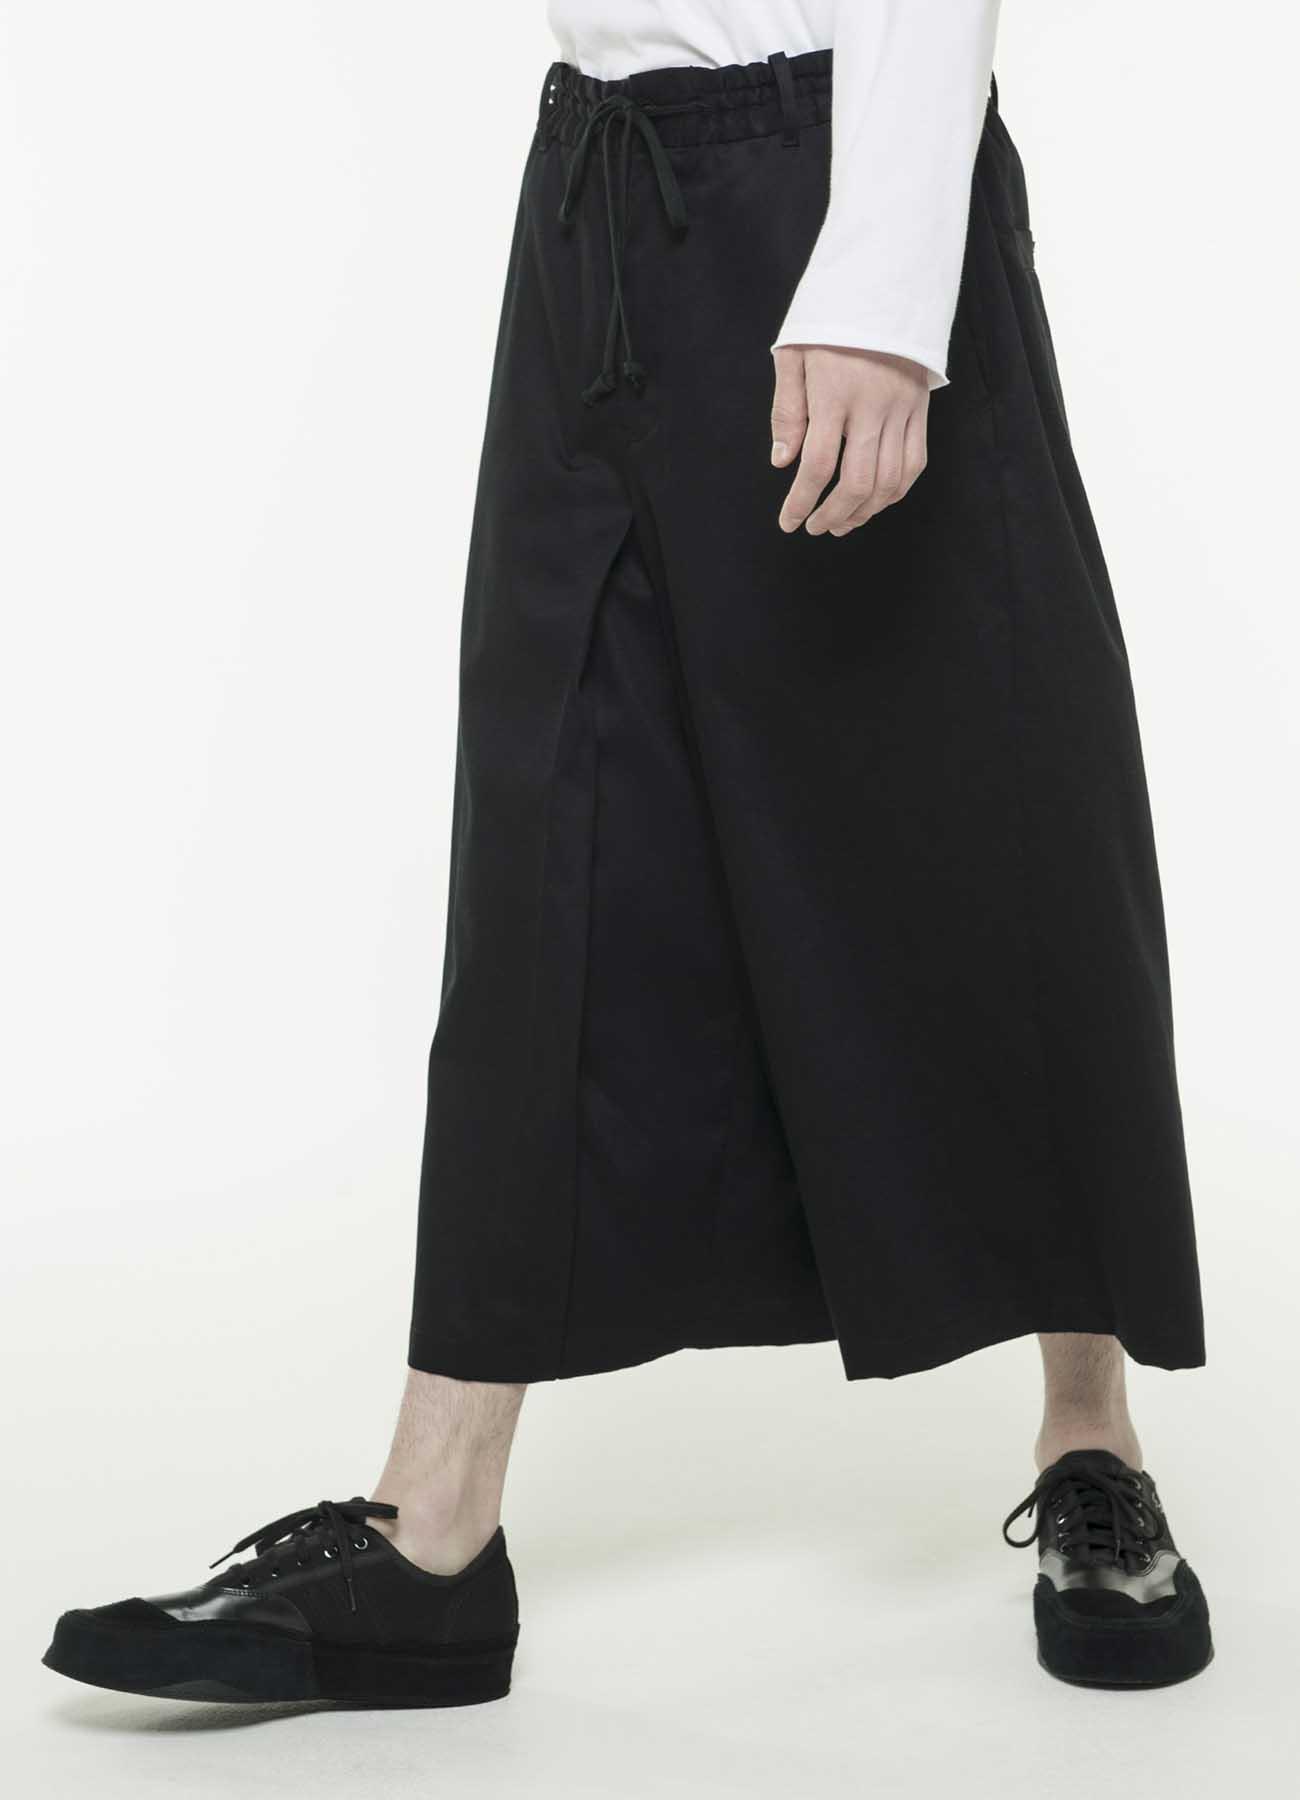 20 /棉斜纹袴裤